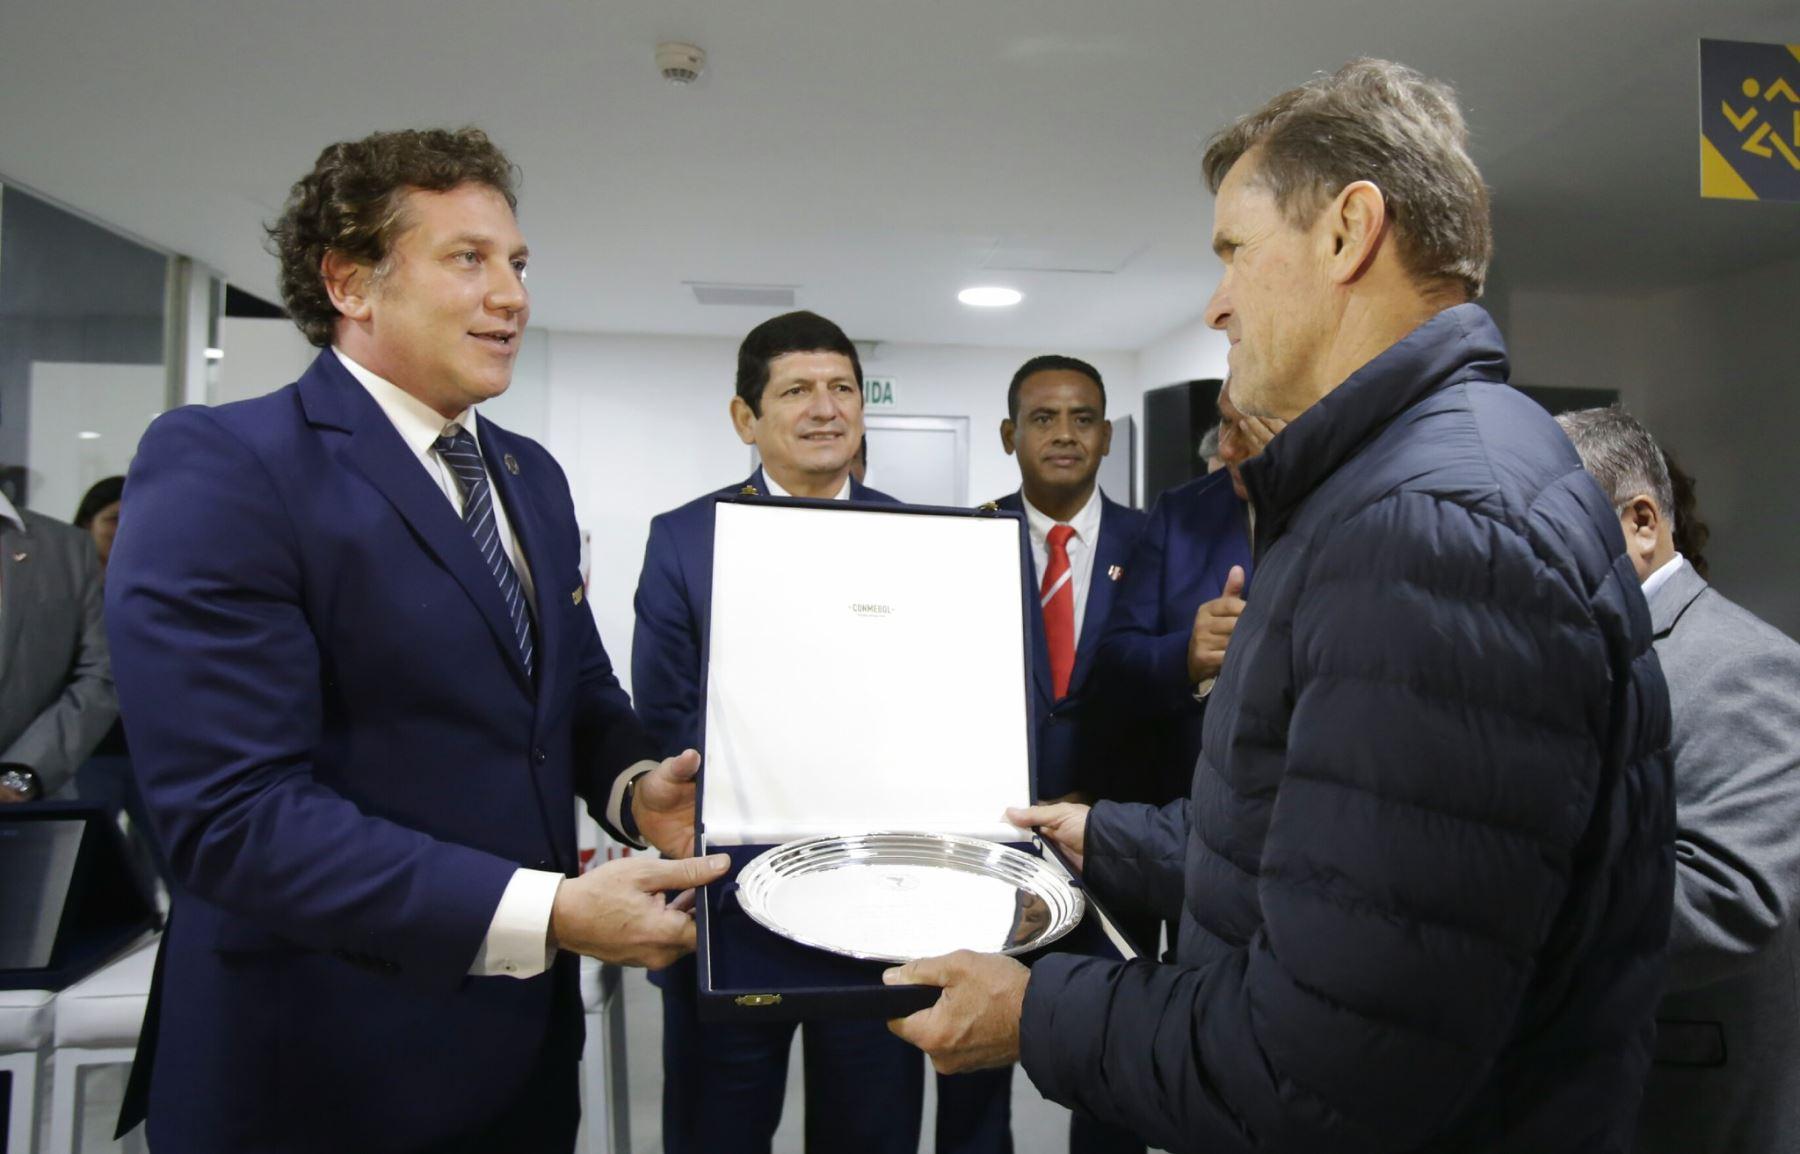 Lima 2019 recibió reconocimiento de la CONMEBOL y la FPF